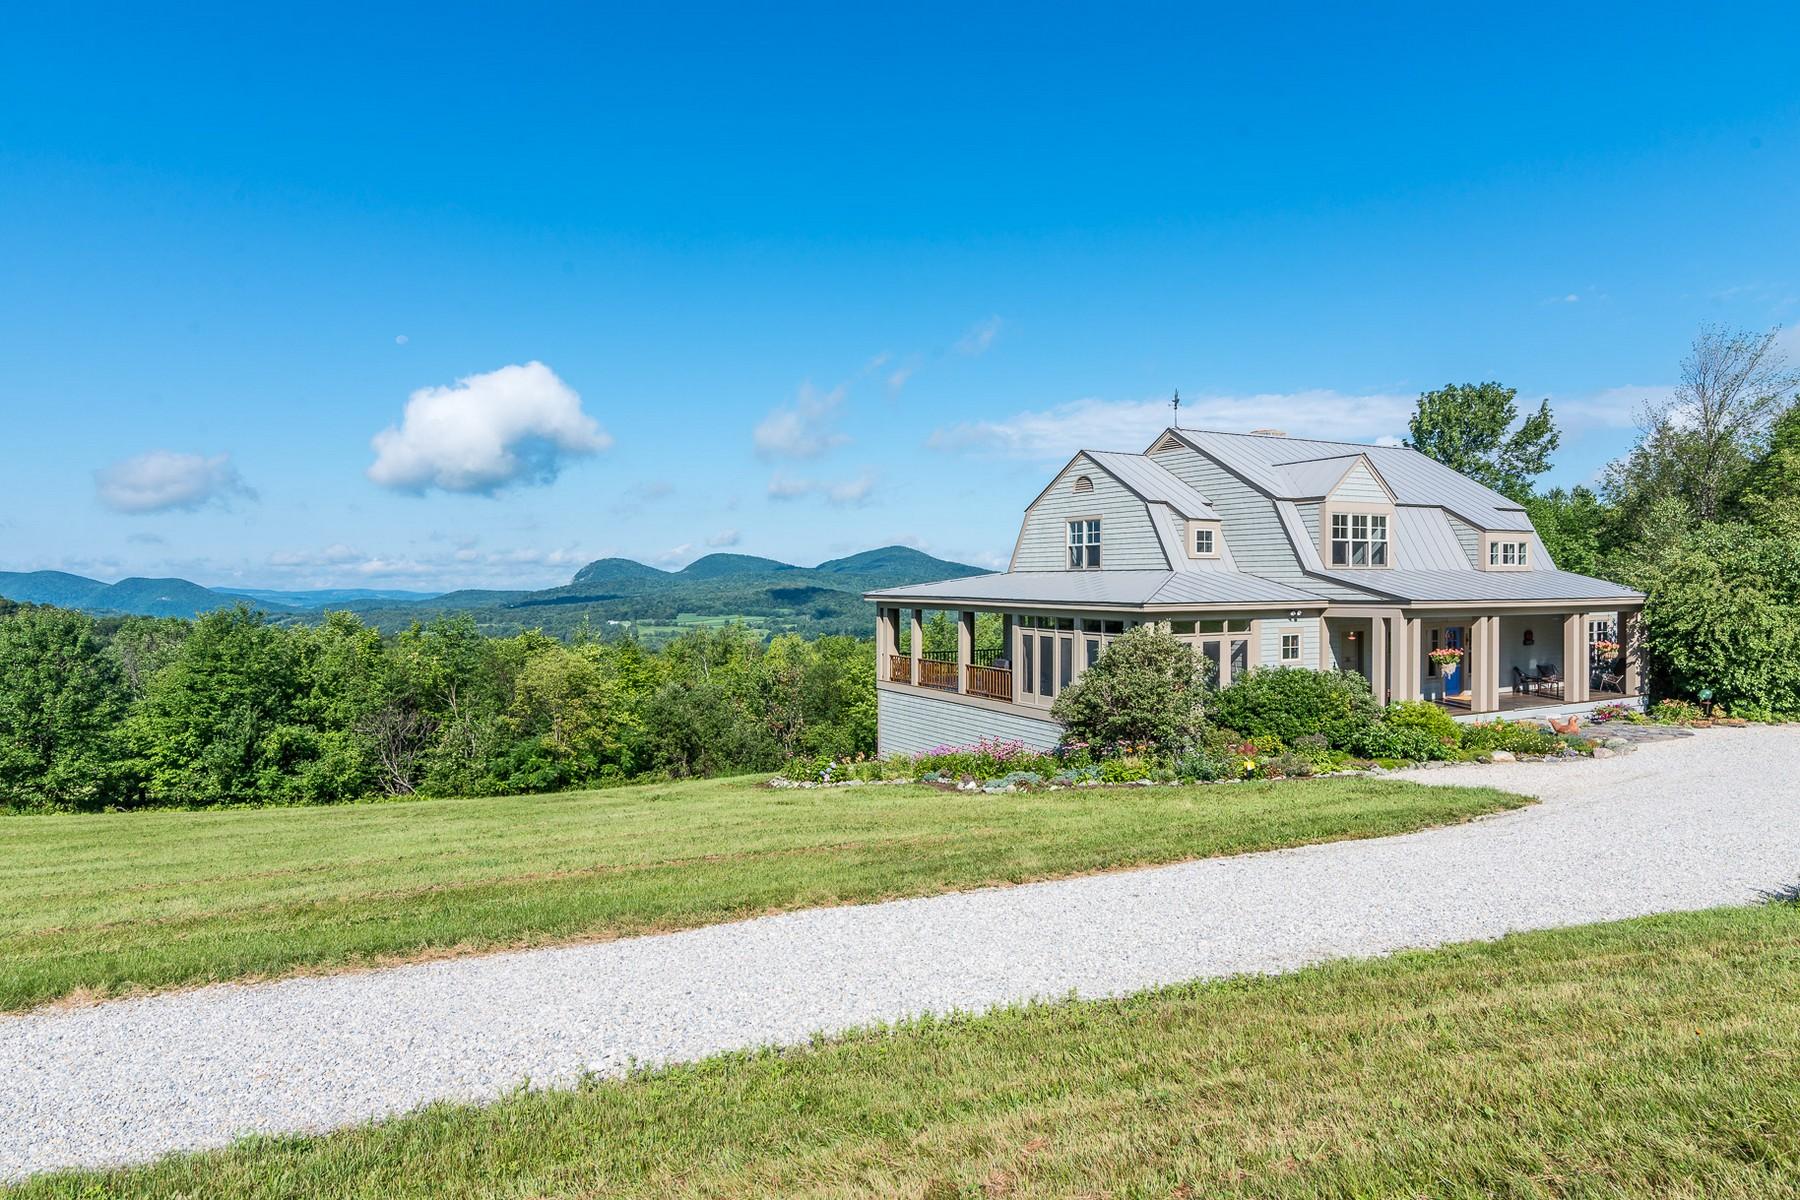 独户住宅 为 销售 在 1638 Lilly Hill Rd, Danby 丹比, 05761 美国